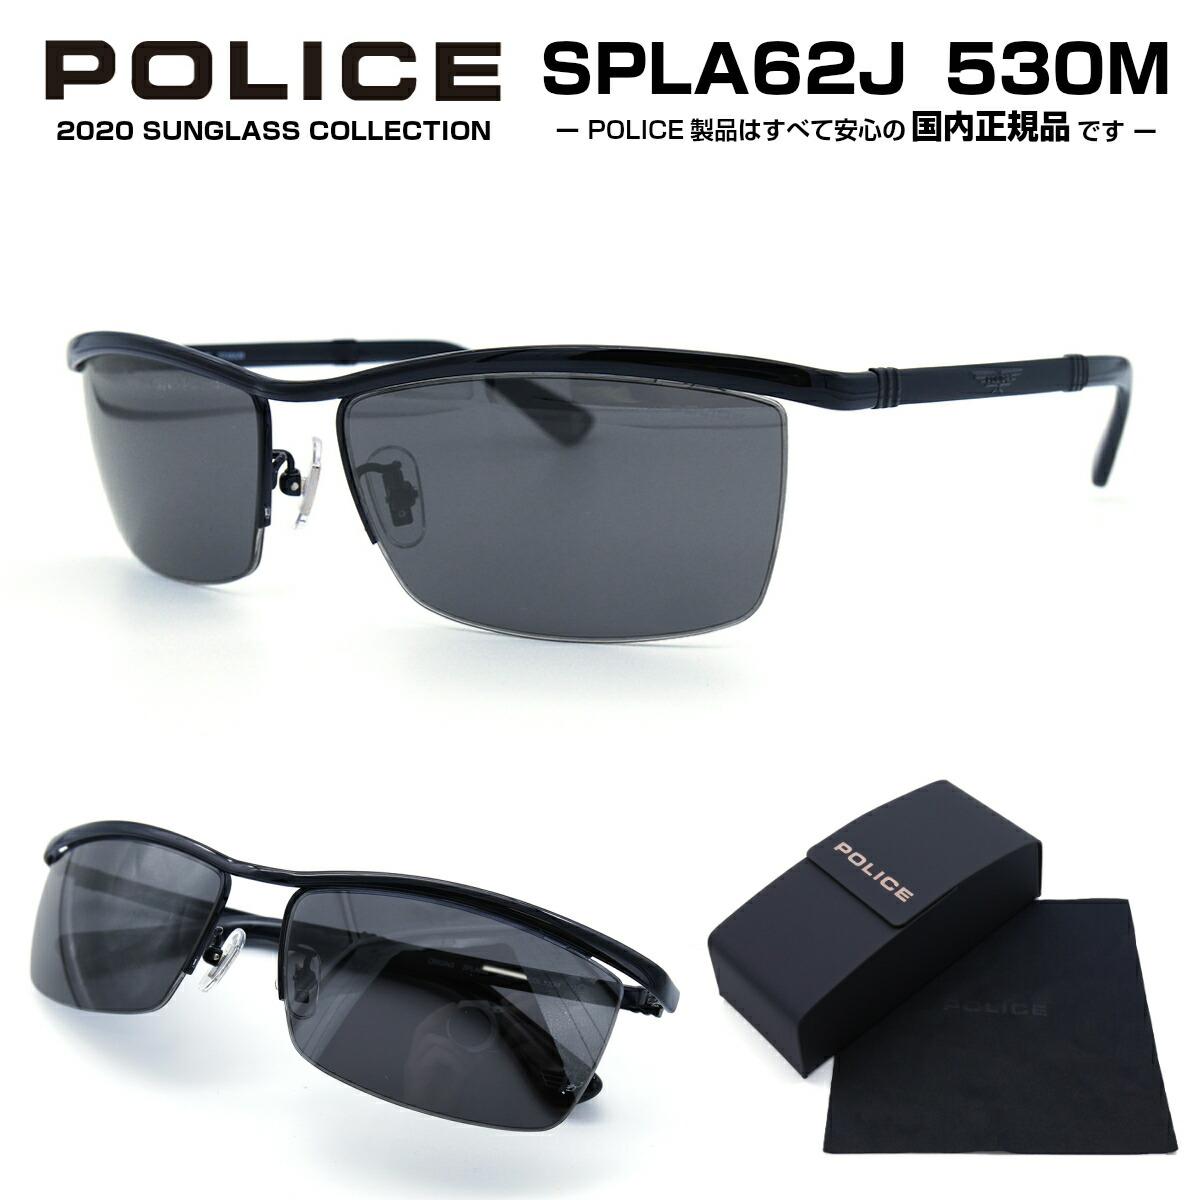 POLICE ポリス サングラス ORIGINS SPLA62J 530M 2020年モデル SUNGLASS おしゃれ スクエア チタン ナイロール ミラー 軽量 メガネ メンズ 男 正規品 顔 大きい プレゼント